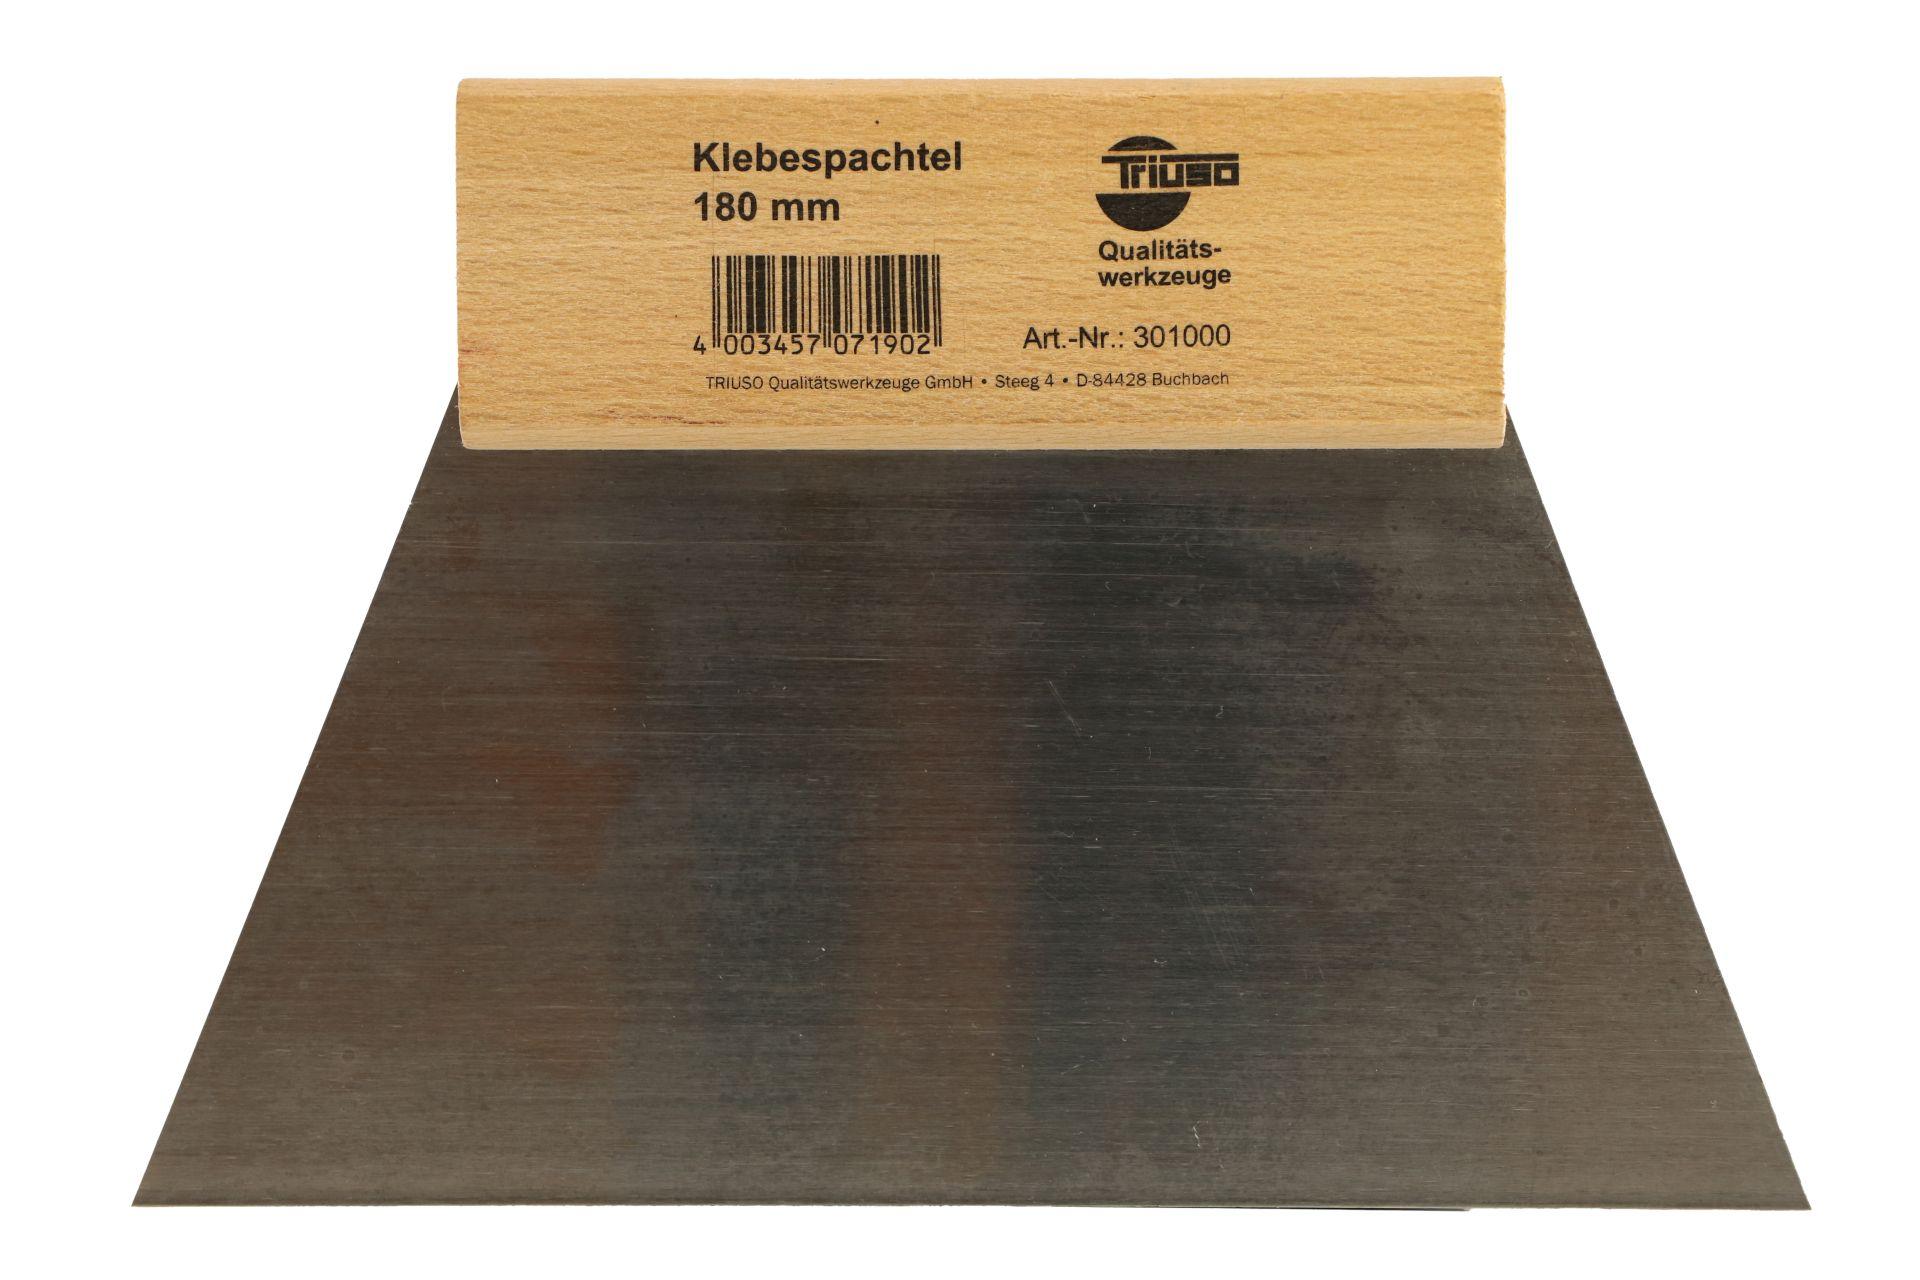 TRIUSO Klebespachtel/Glättespachtel mit Naturholzheft, ungezahnt, 180 mm